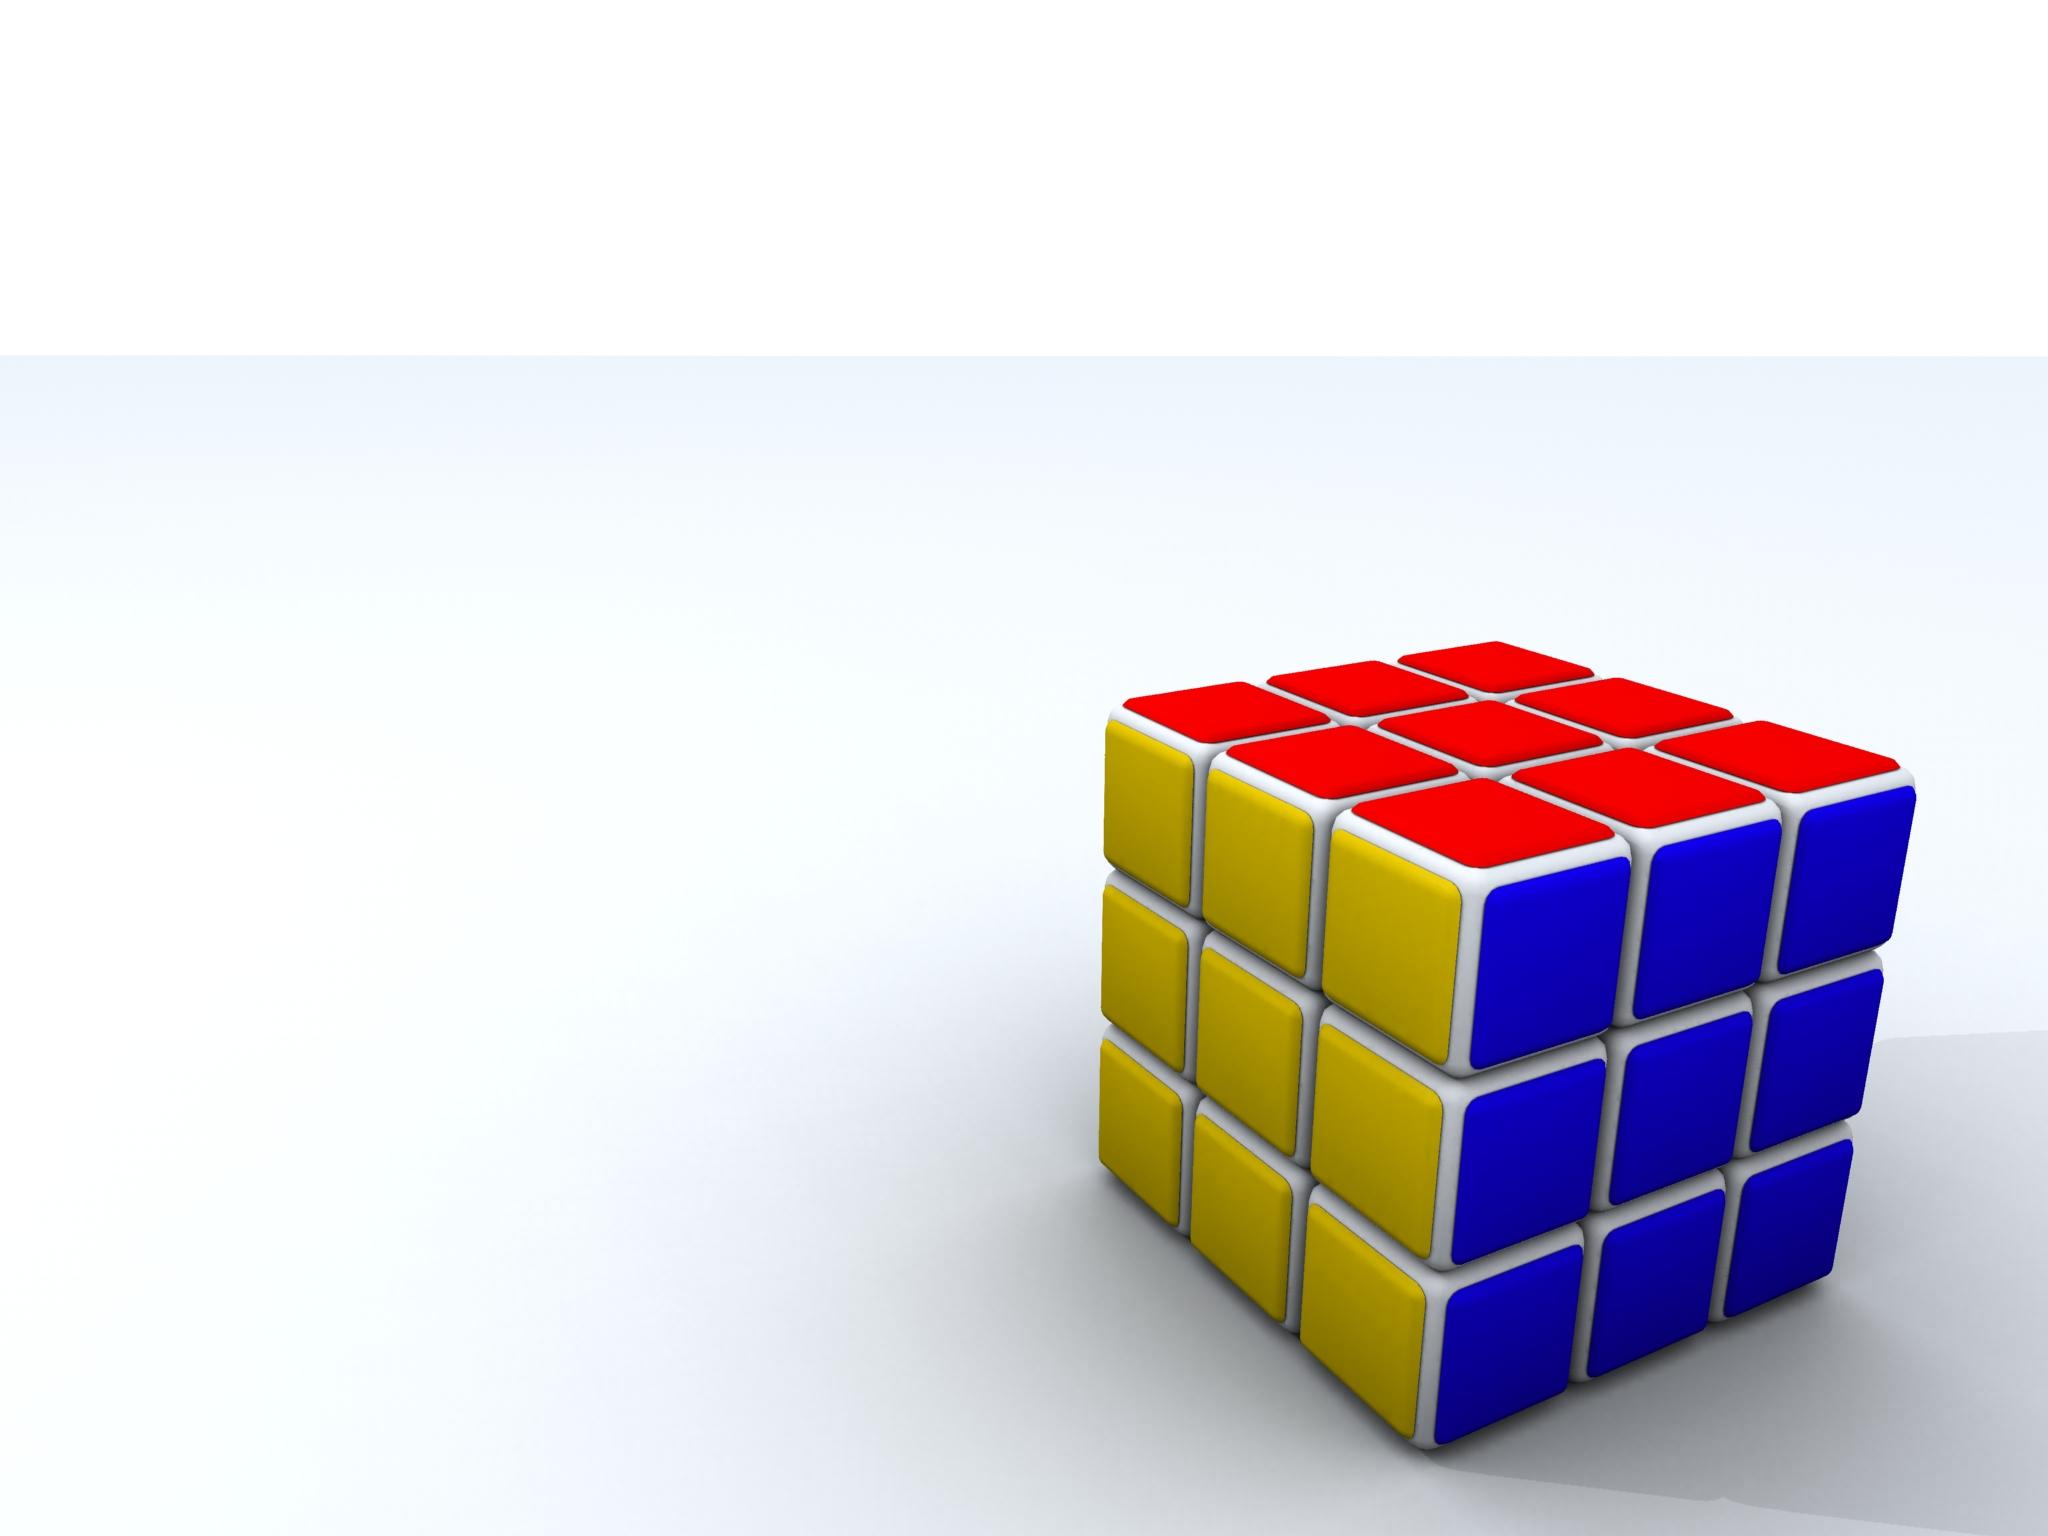 Rubiks Cube Fondo De Pantalla Hd Fondo De Escritorio